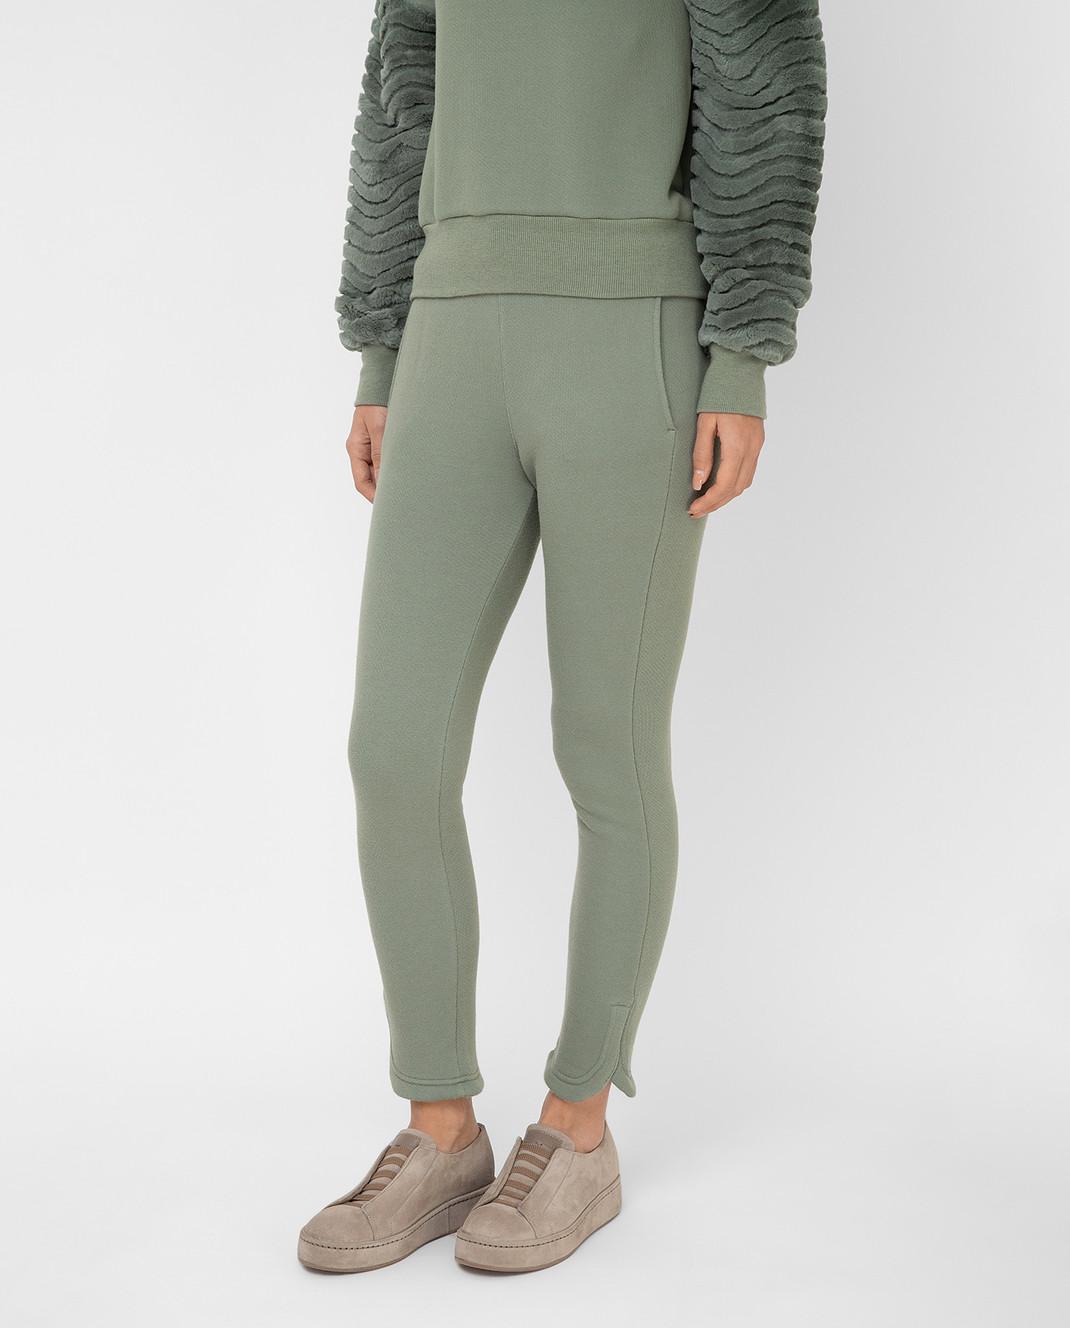 Mr&Mrs Italy Зеленые спортивные брюки JG054E изображение 3